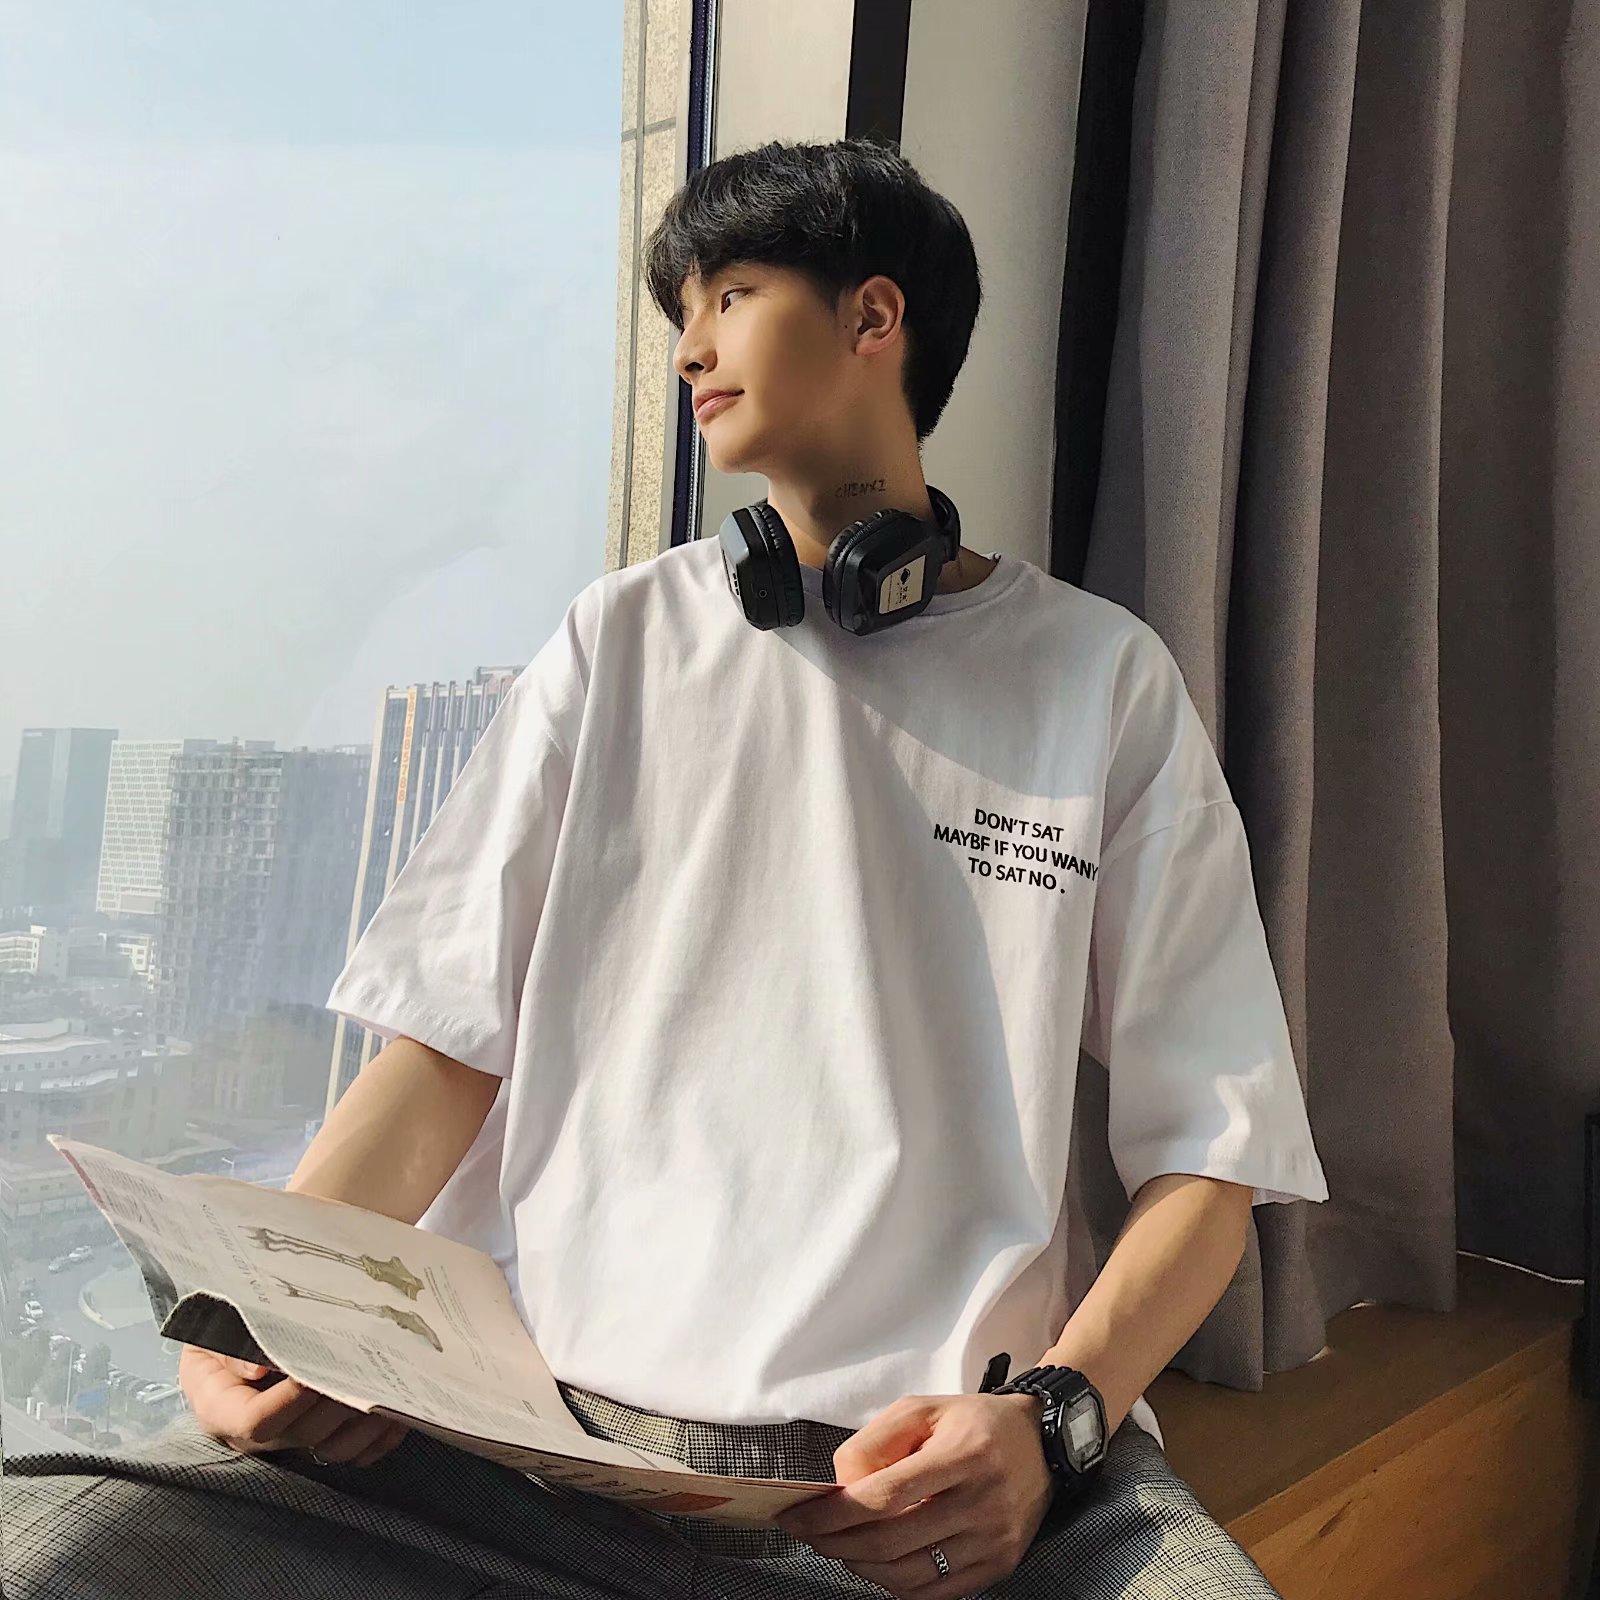 短袖男士T恤潮流印花圆领夏季印花半袖男装上衣服韩版夏装潮牌丅